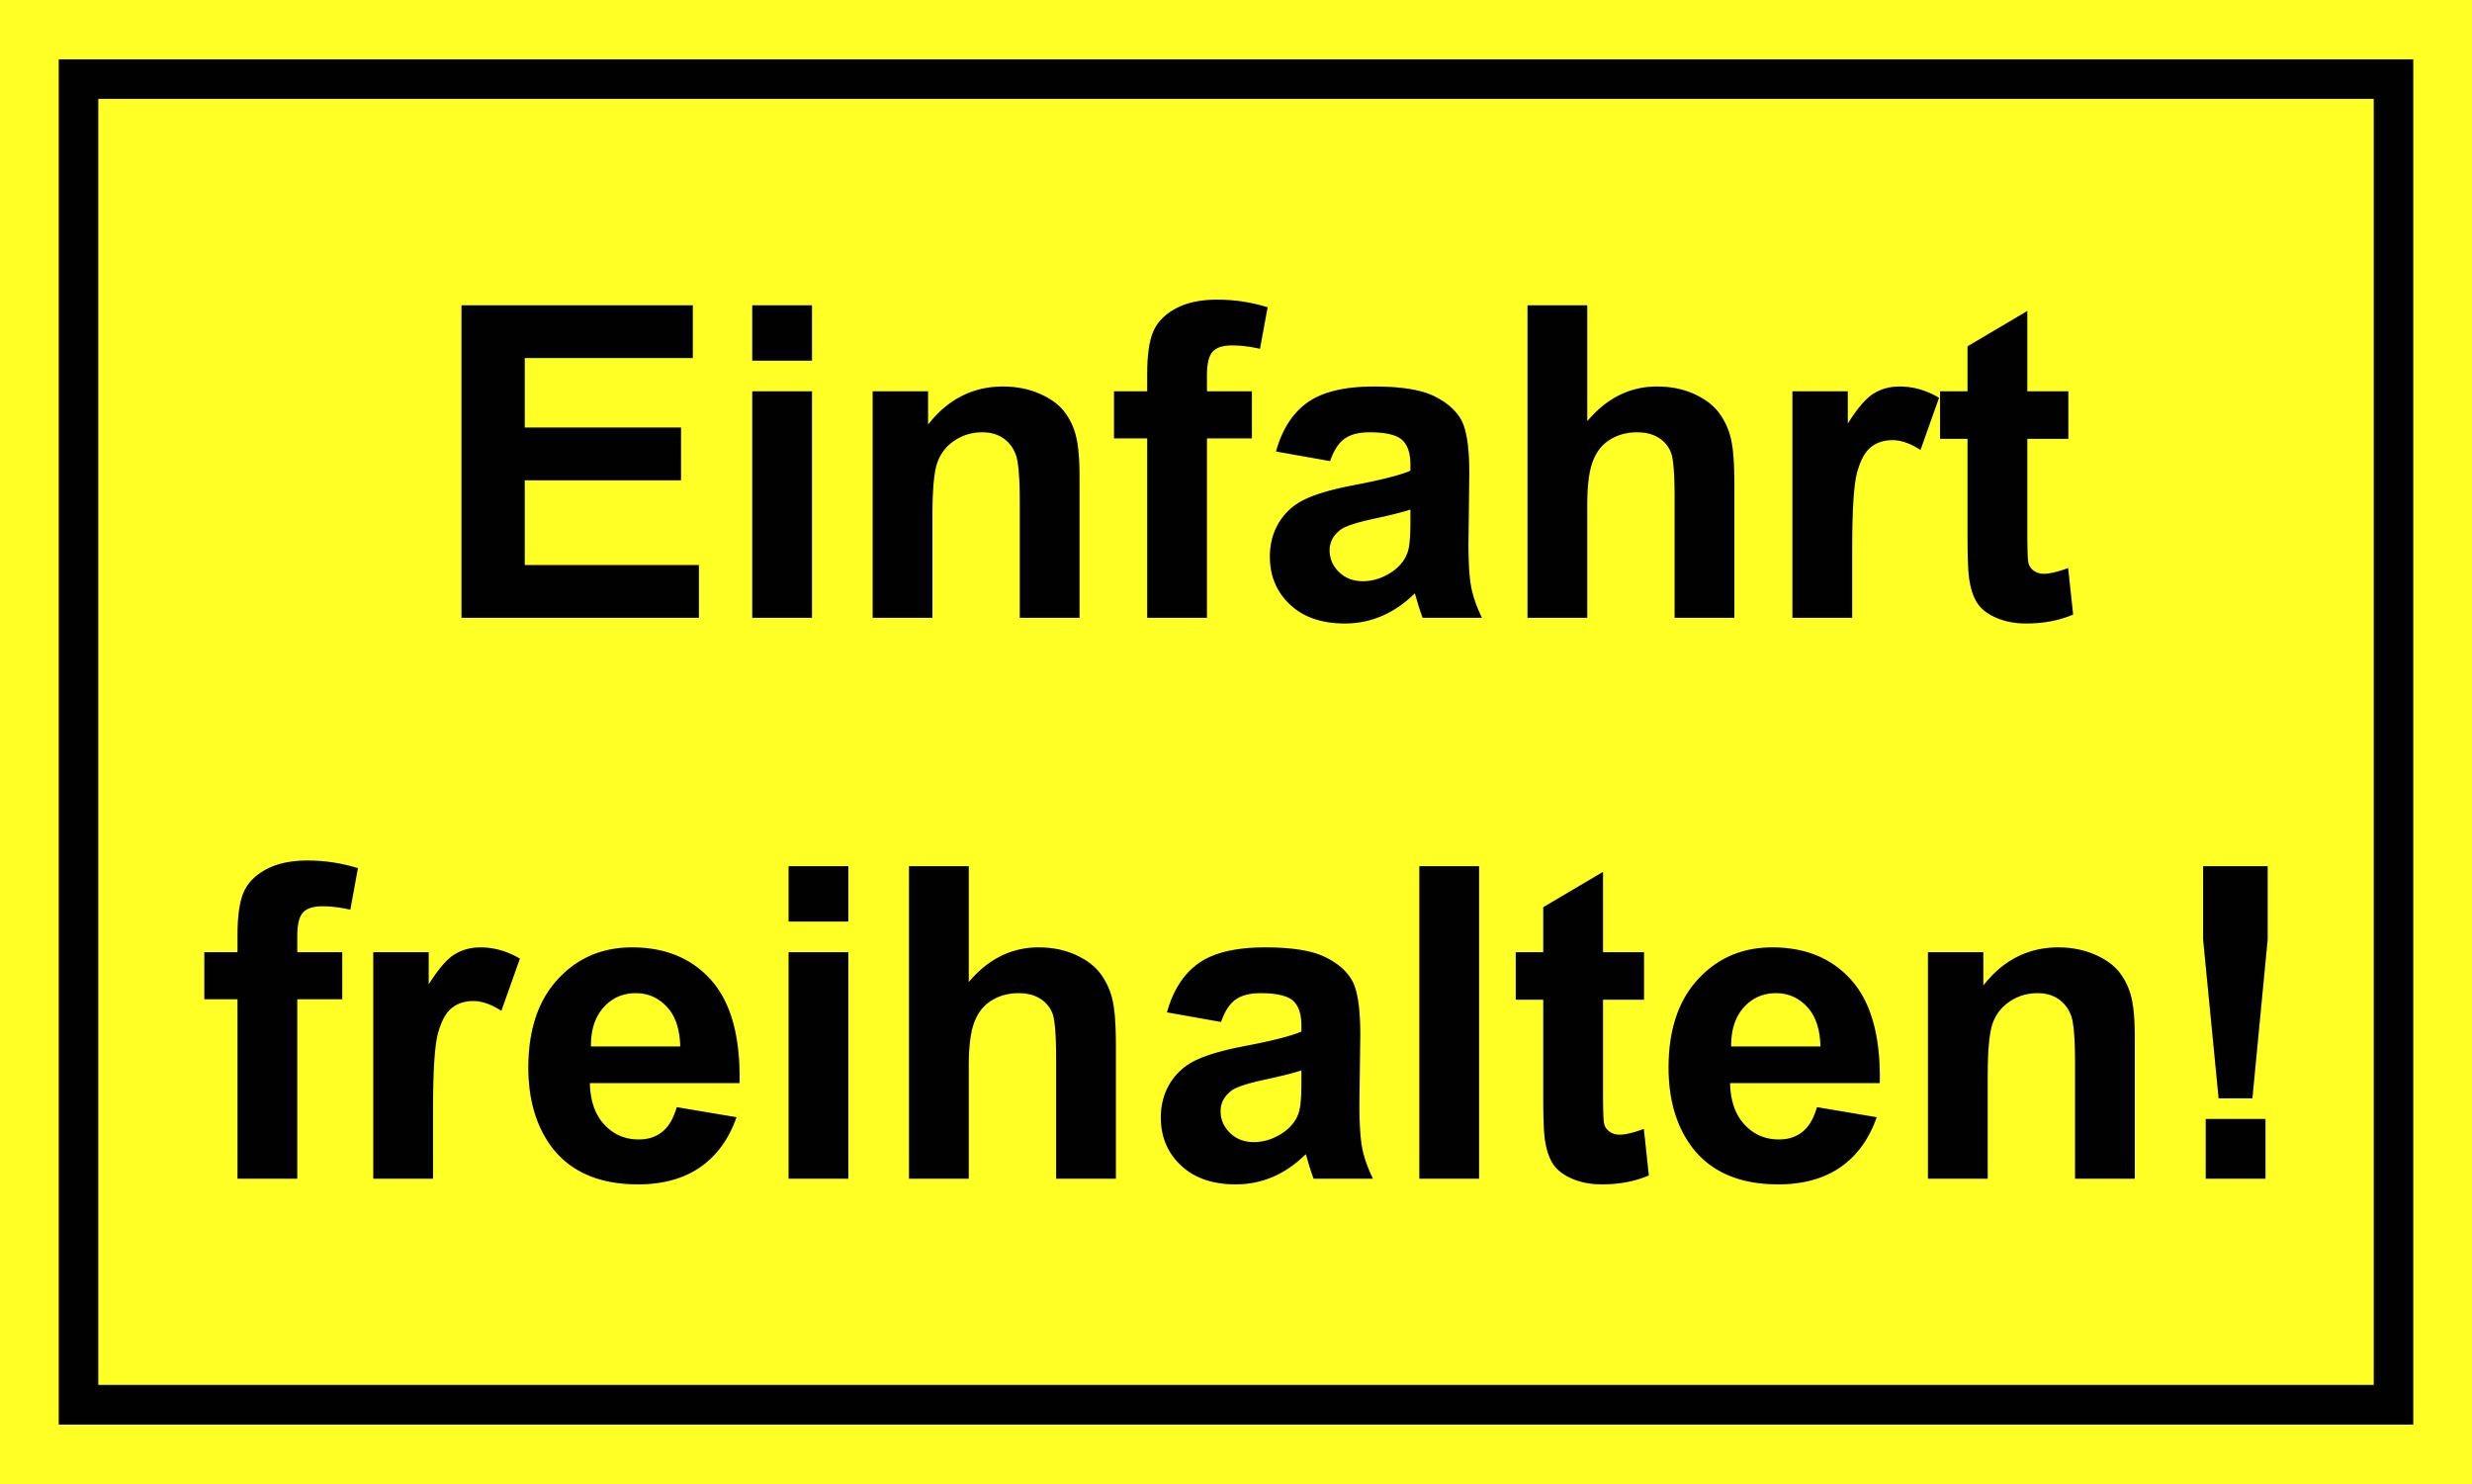 Einfahrt freihalten! 150 x 250 mm Warn- Hinweis- und Verbotsschild PST-Kunststoff